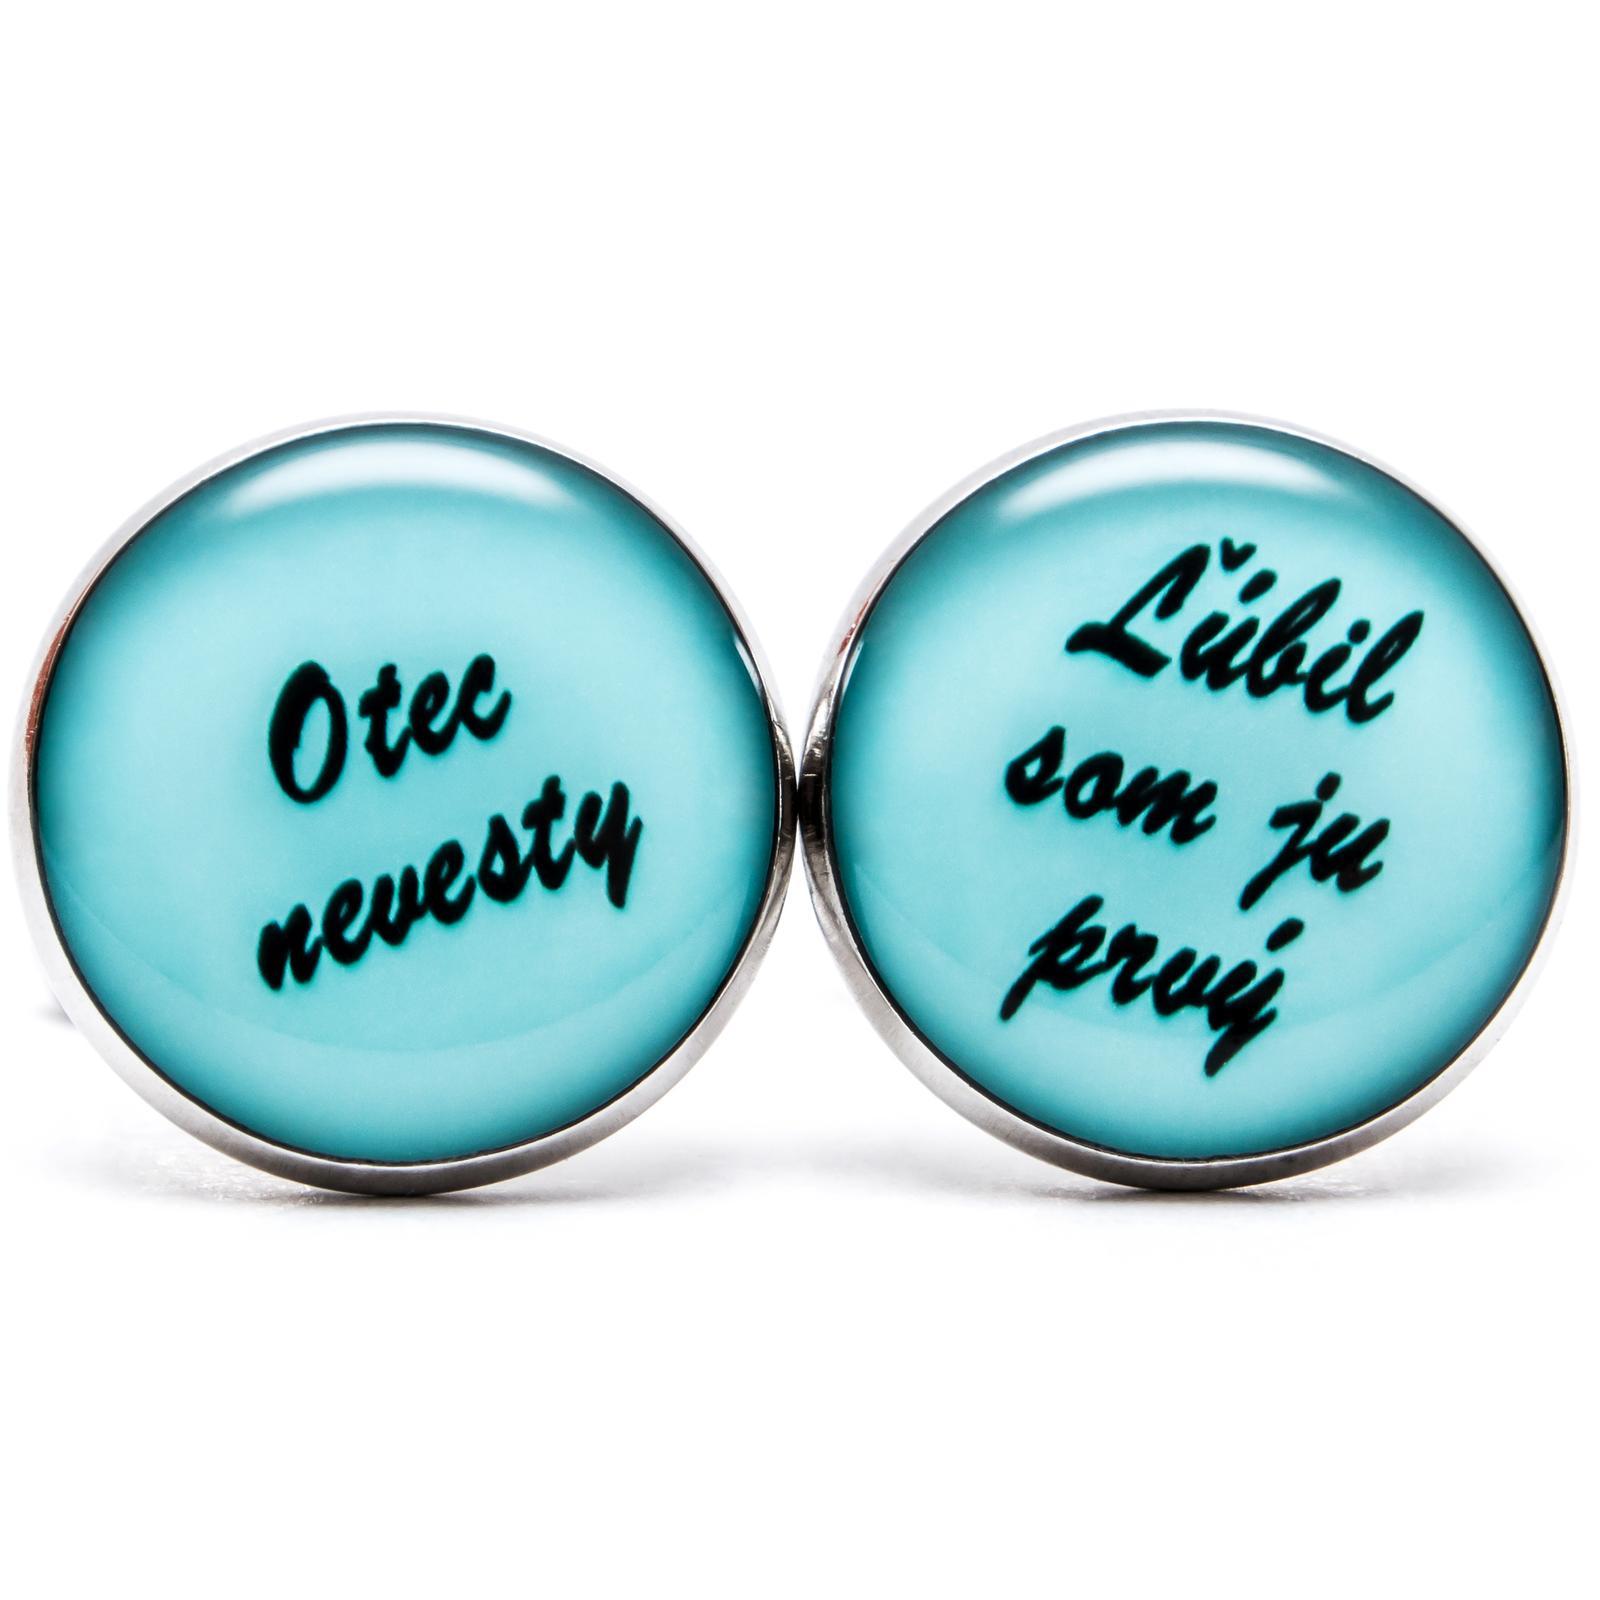 ♥  Manžetové gombíky na mieru - presne podľa Tvojich predstáv ♥ - Otec nevesty v azúrovo modrej